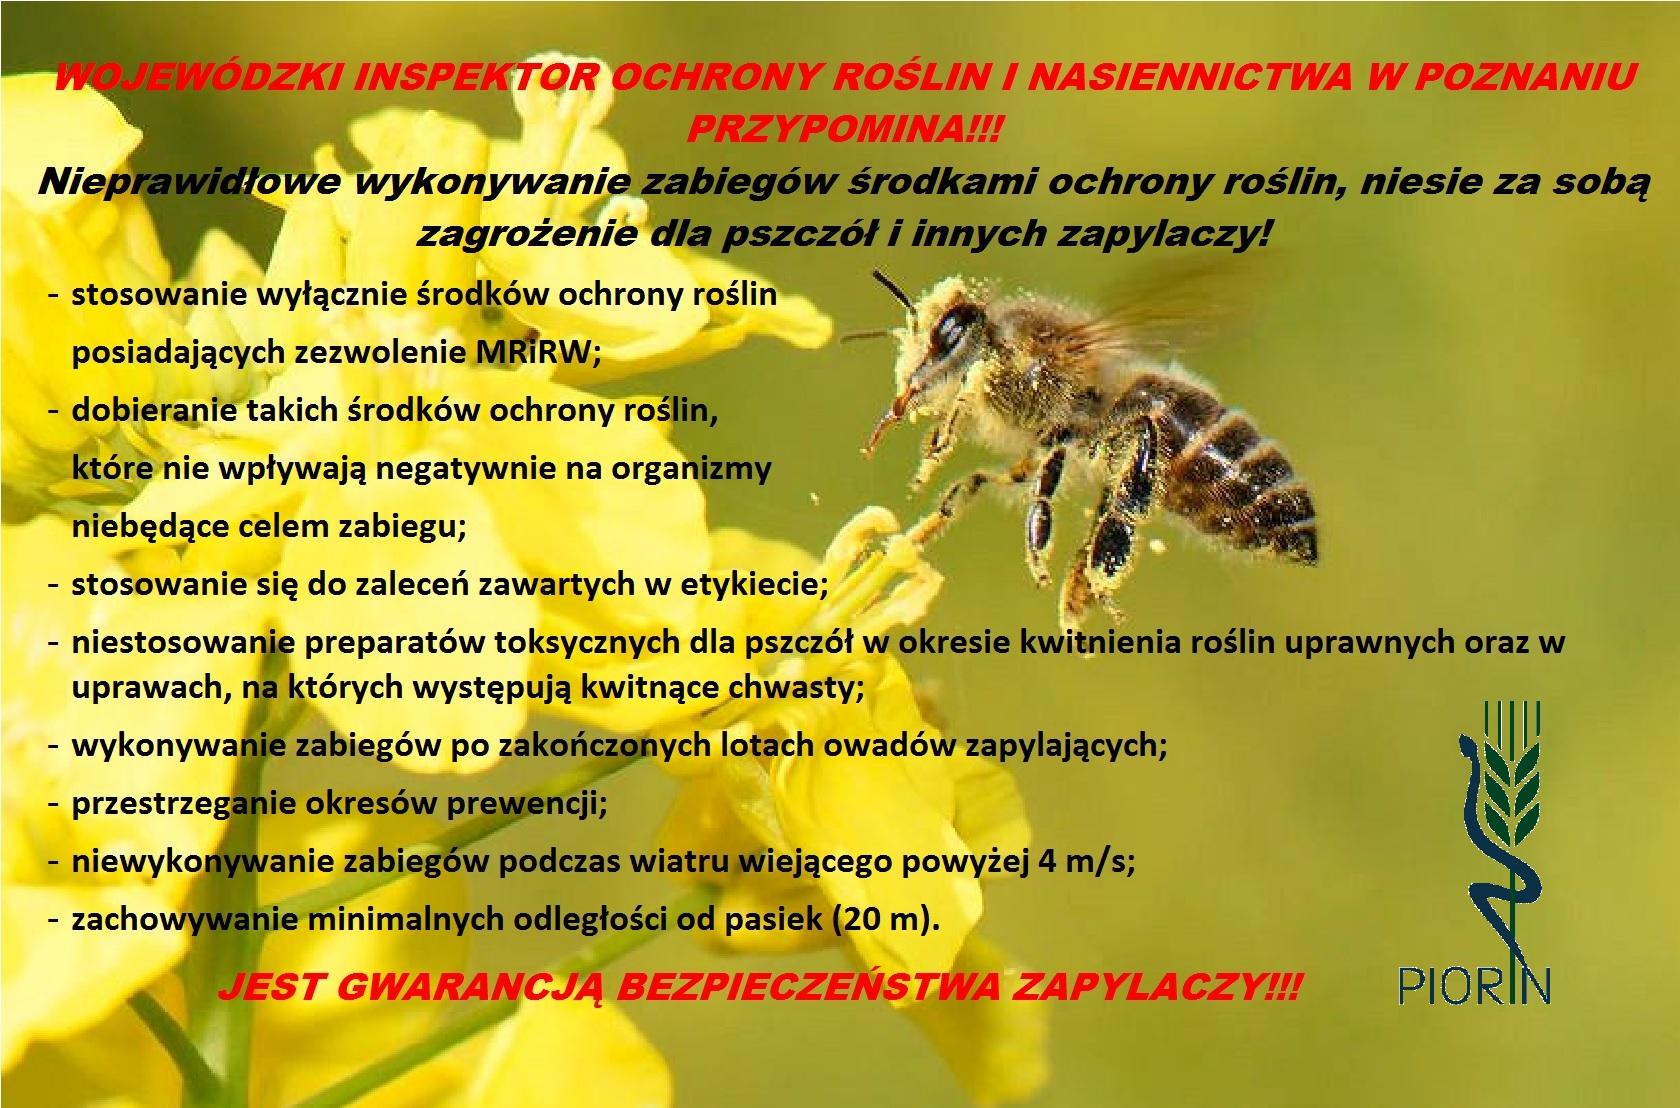 7b9af288f73a20 ... na których występują kwitnące chwasty; - wykonywanie zabiegów po  zakończonych lotach owadów zapylających; - przestrzeganie okresów prewencji;